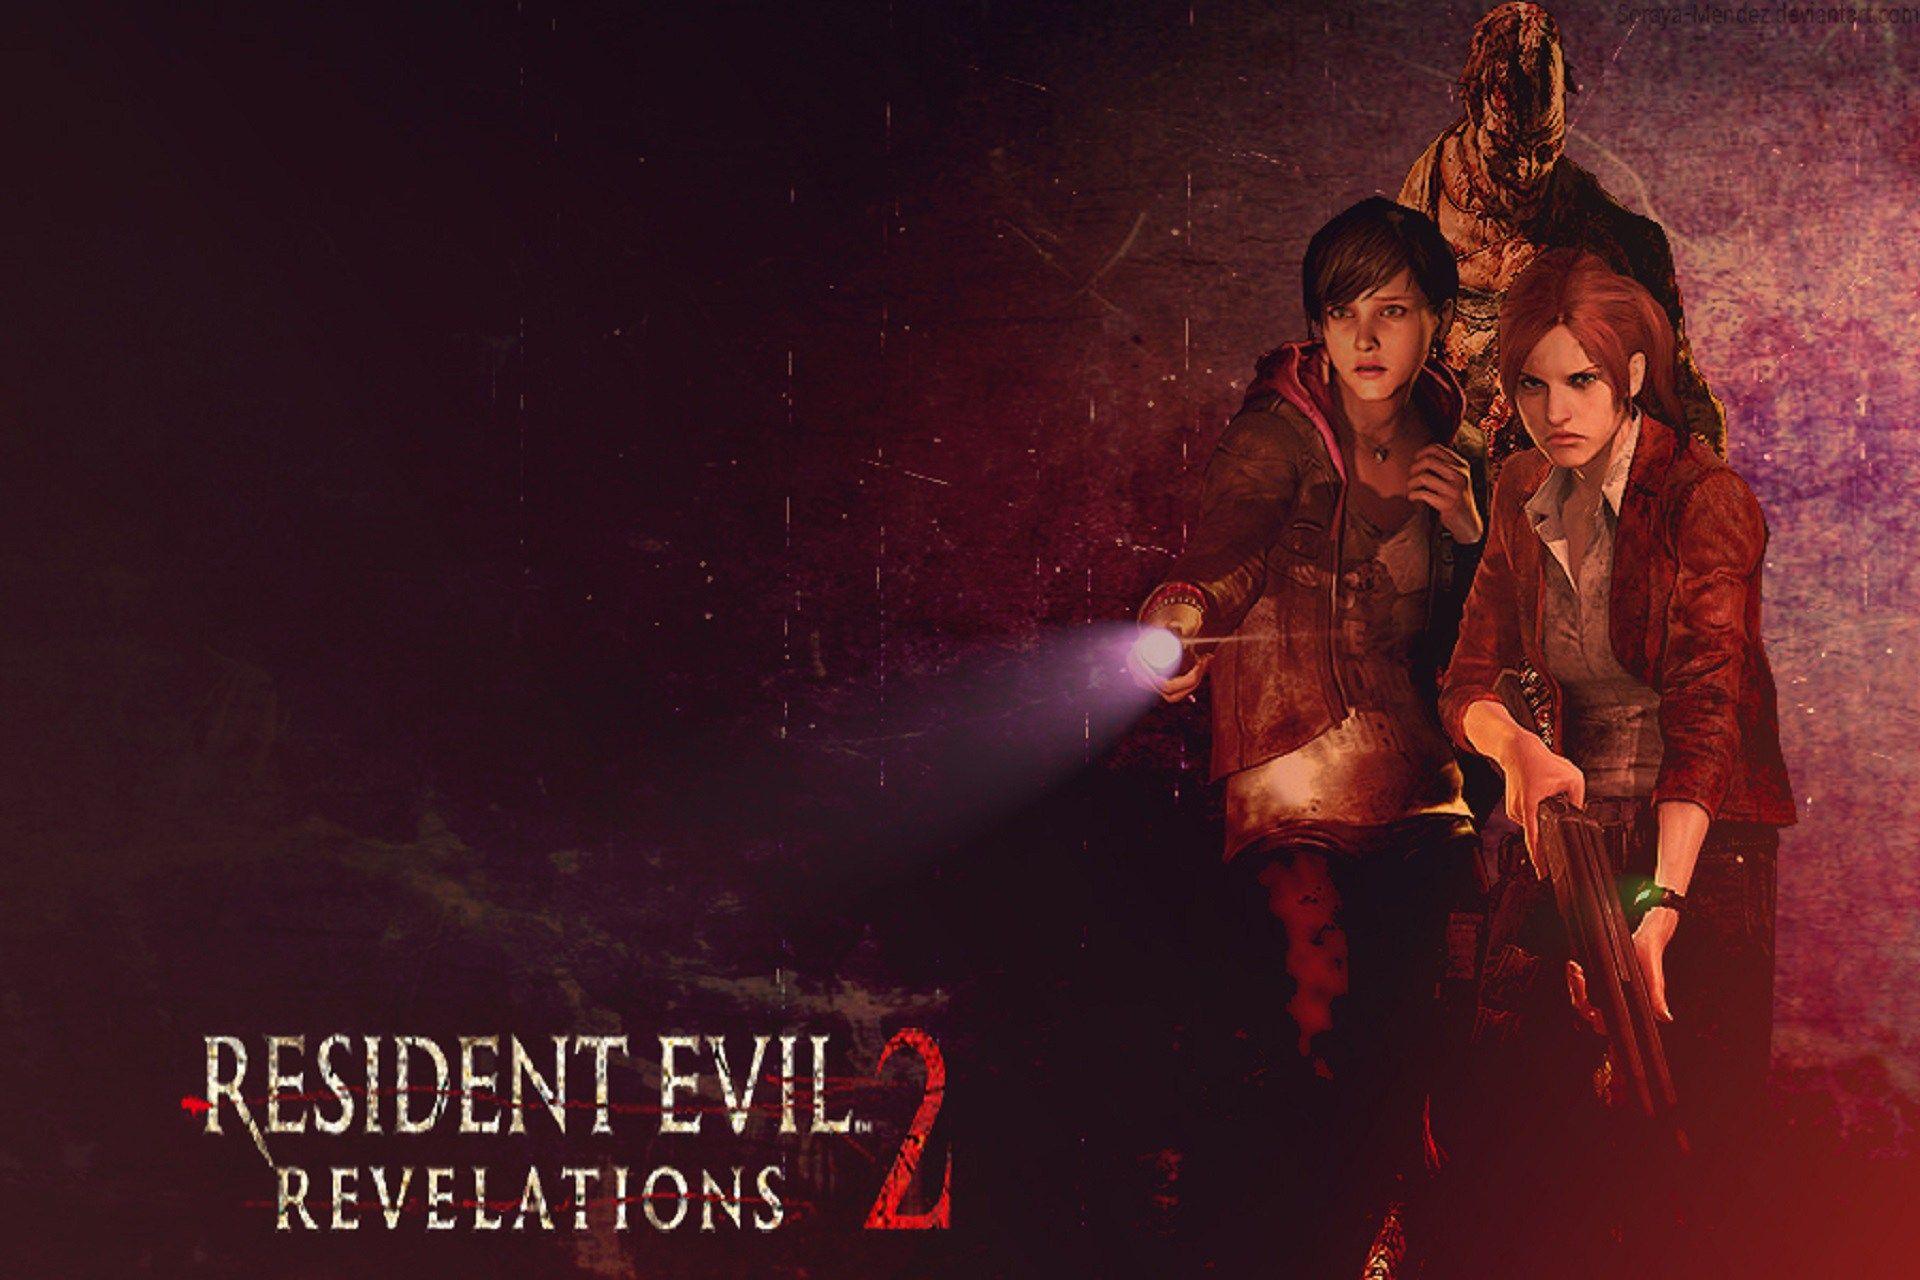 Resident Evil Revelations 2 Wallpaper Hd Revelation Gaming